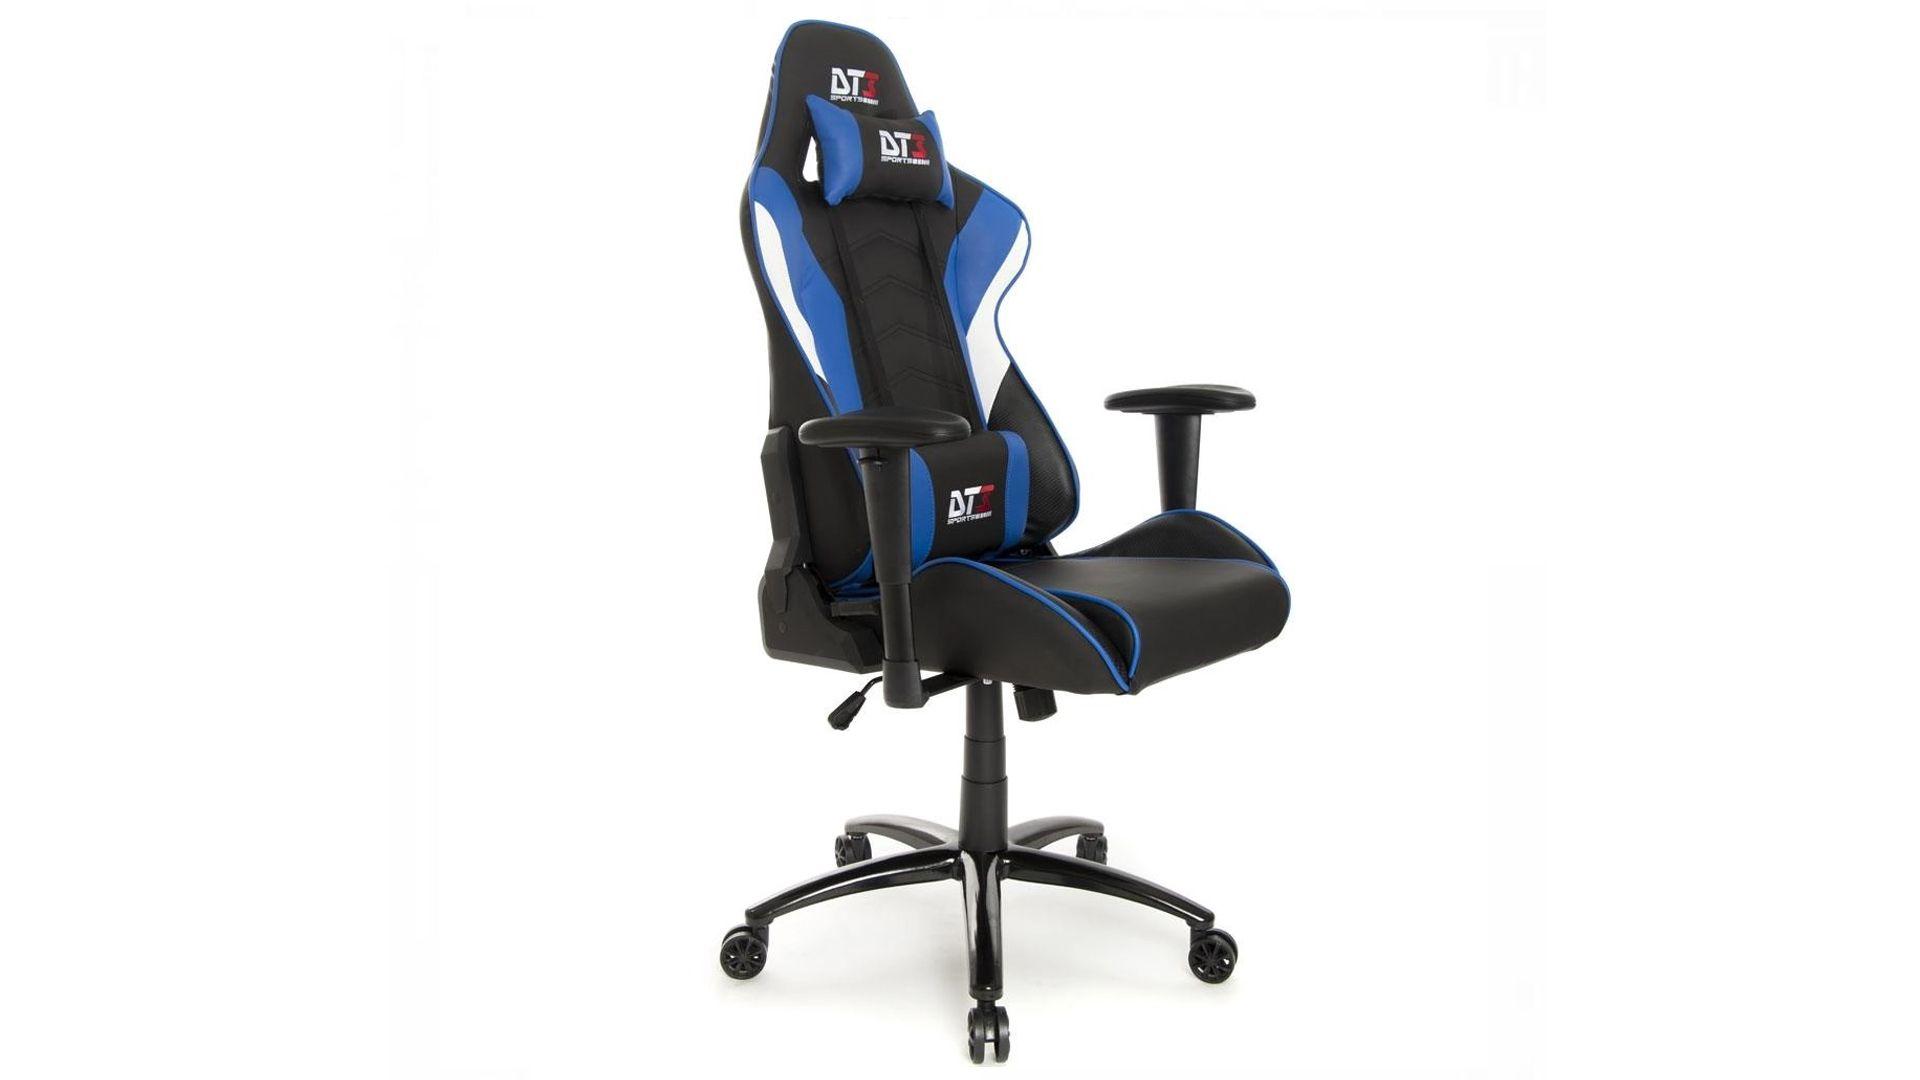 Cadeira gamer azul reclinável Elise DT3sports em destaque